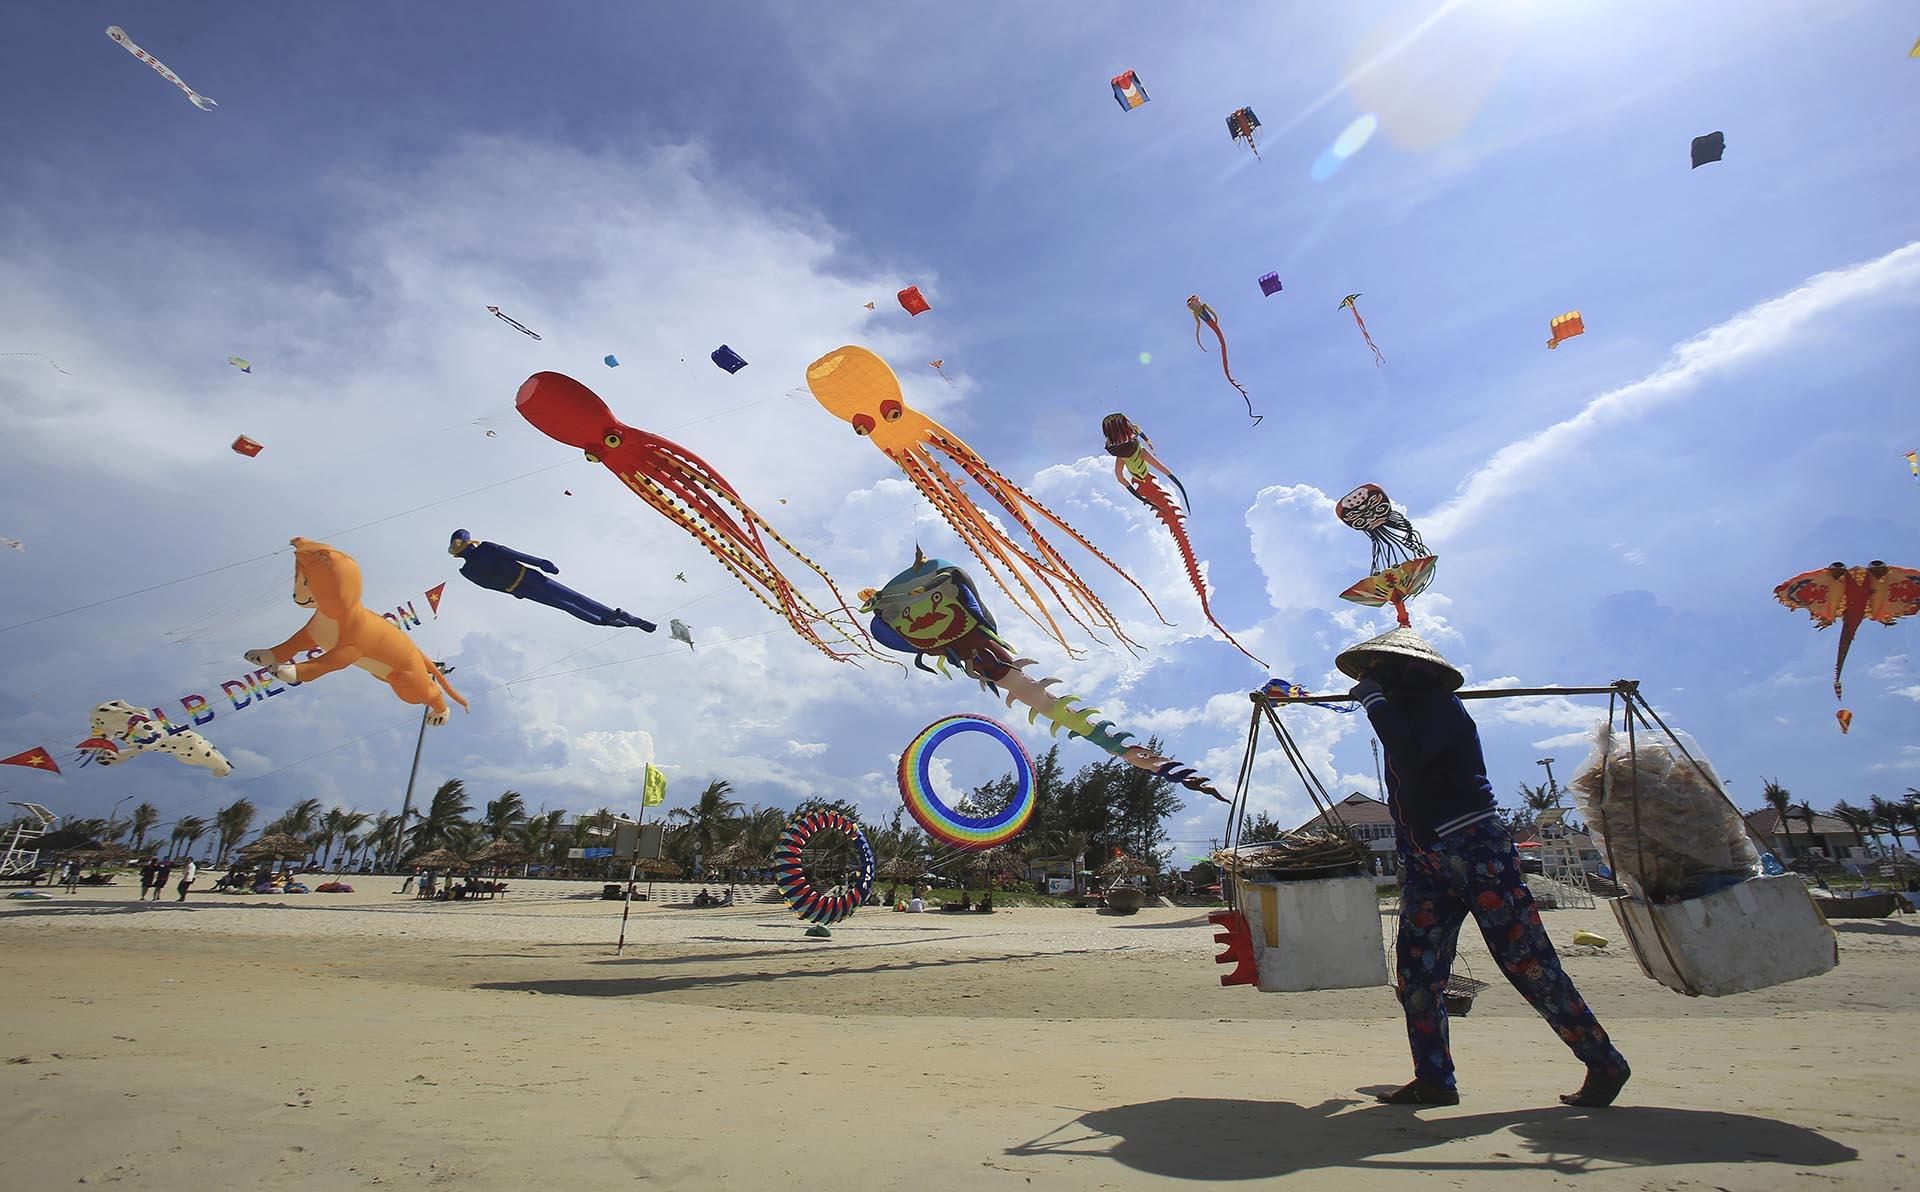 Un vendedor de comida camina bajo las cometas durante el Festival Internacional de cometas en la playa de Tam Thanh, ubicada en la provincia de Quang Nam, Vietnam (AP)